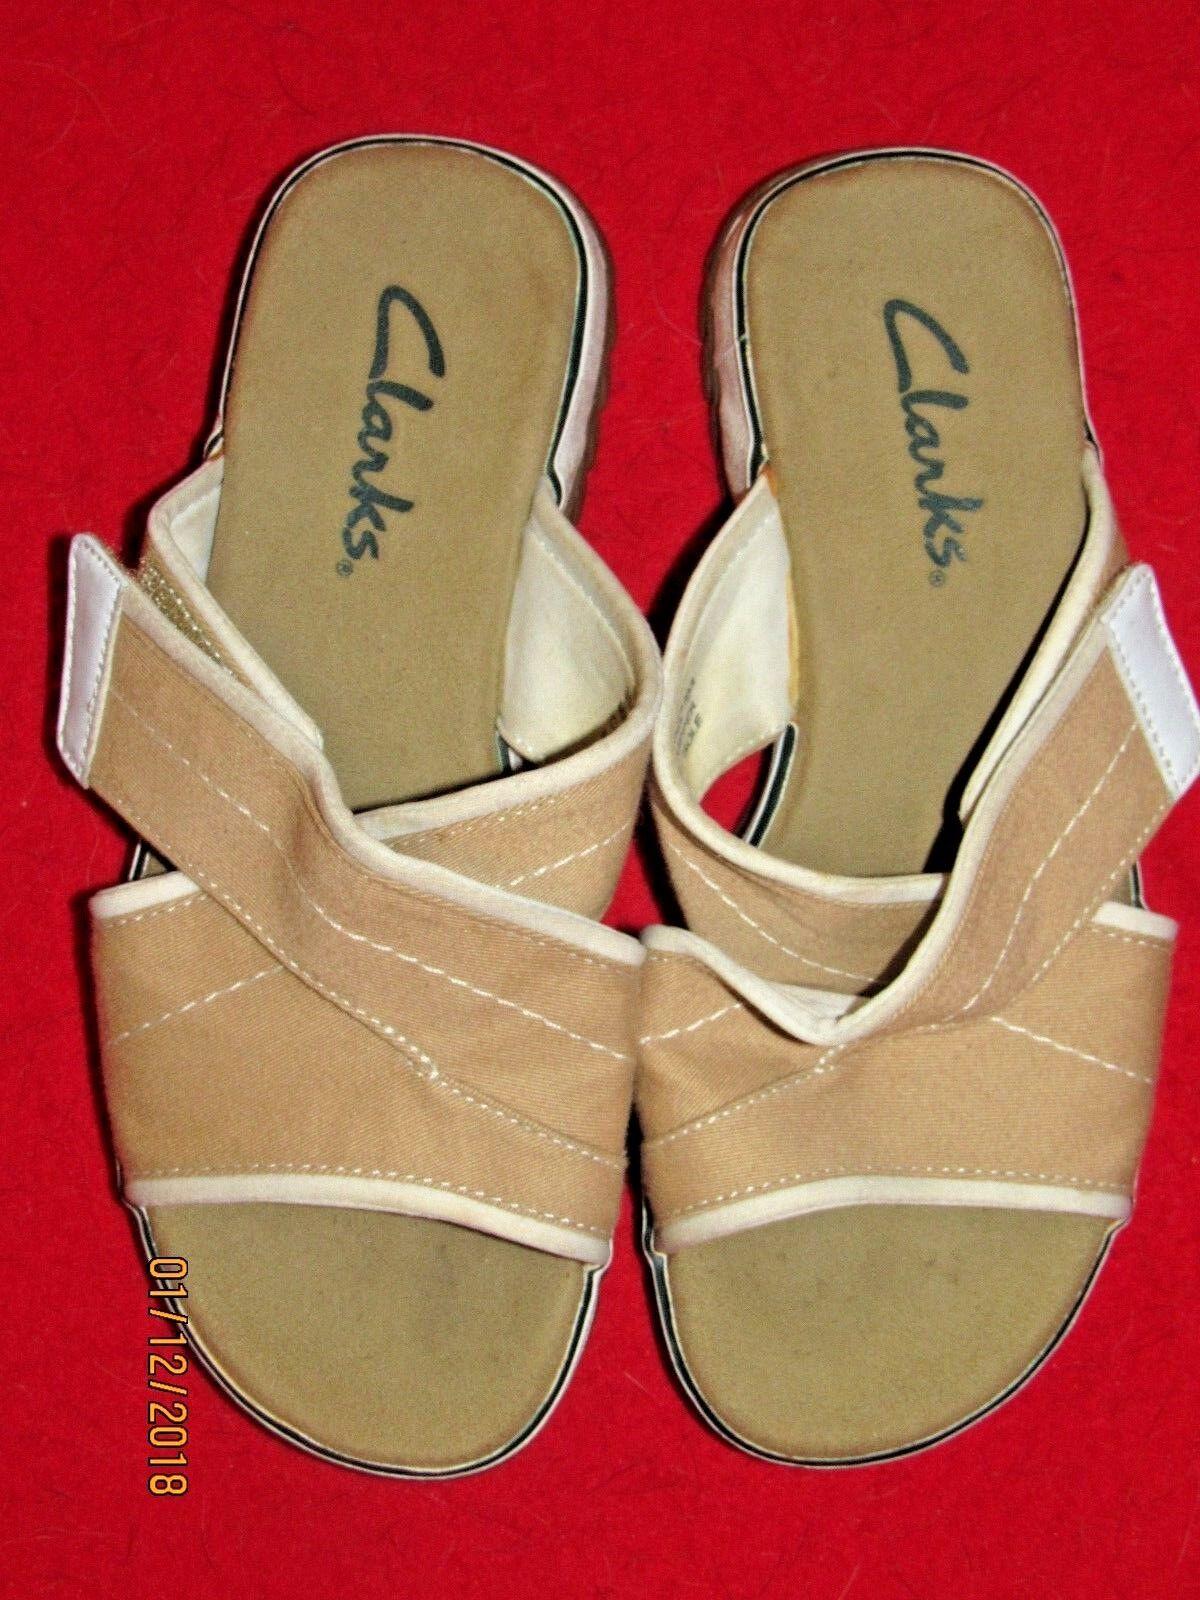 Women's Clarks 6M Tan Canvas Sandals Size 6M Clarks e737e4